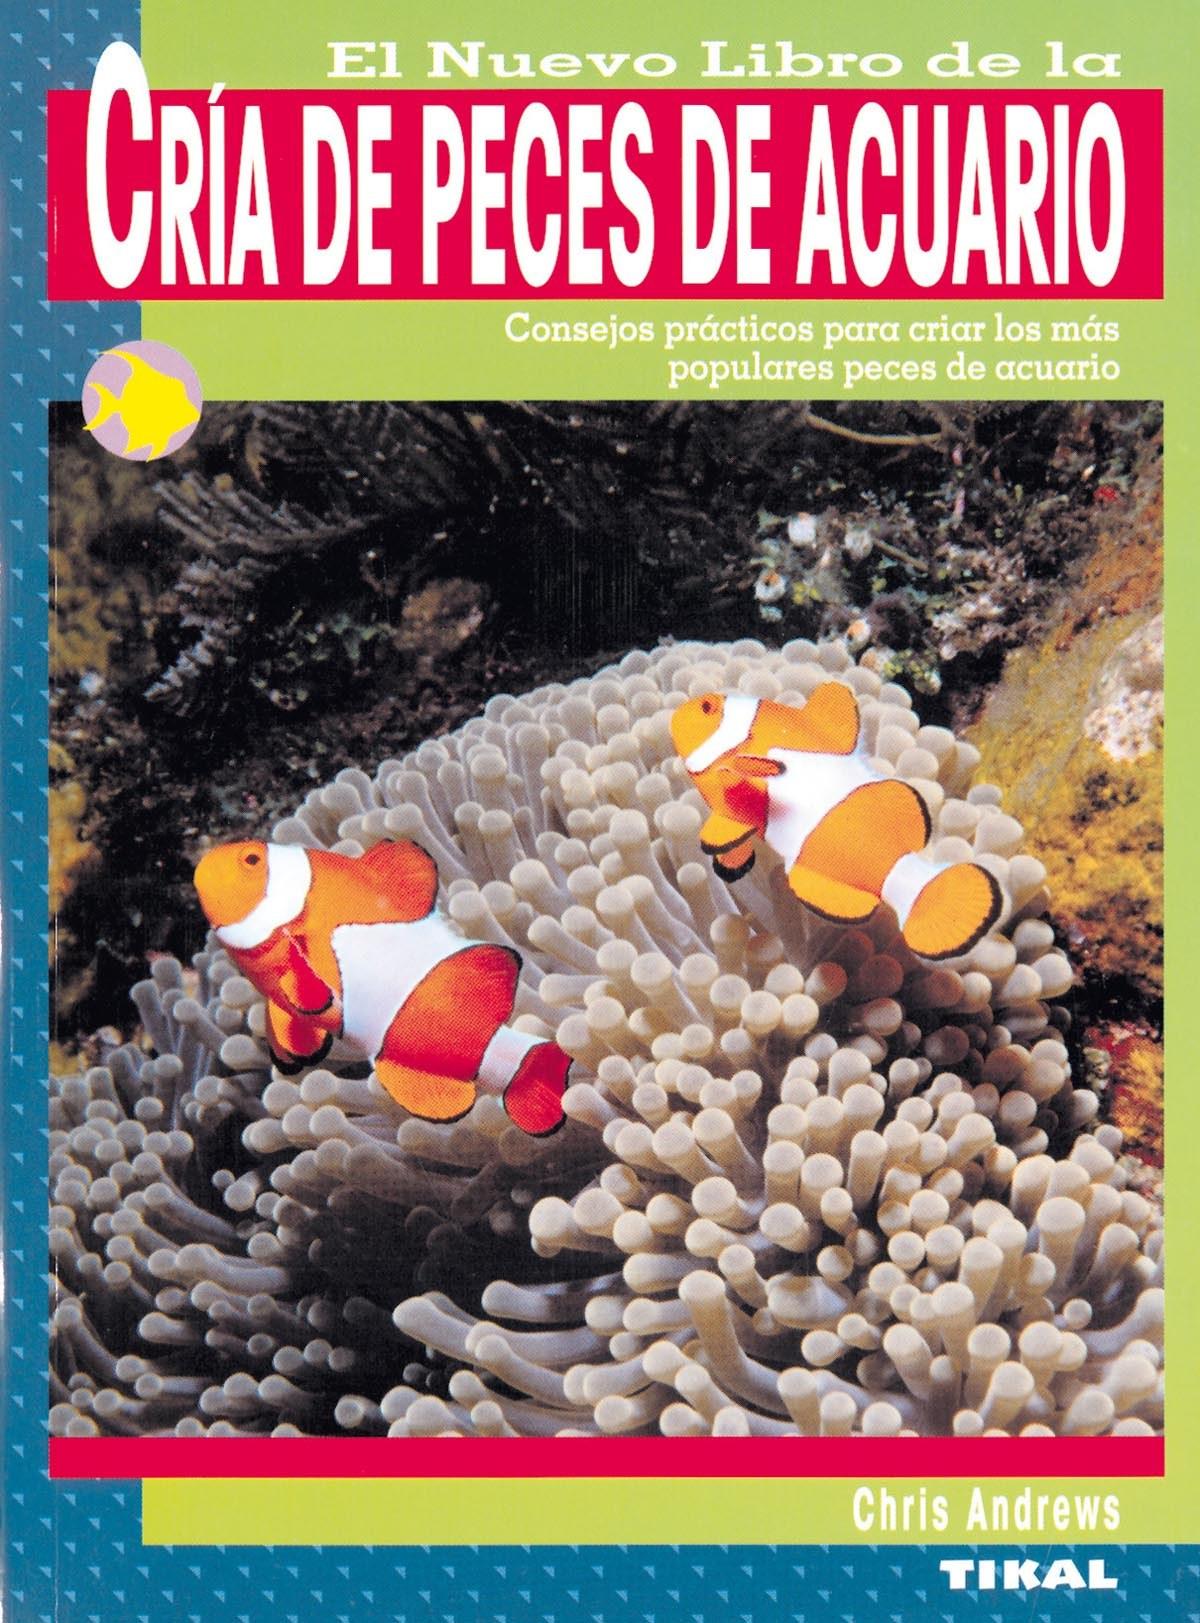 El nuevo libro de la cría de peces de acuario 9788430553976